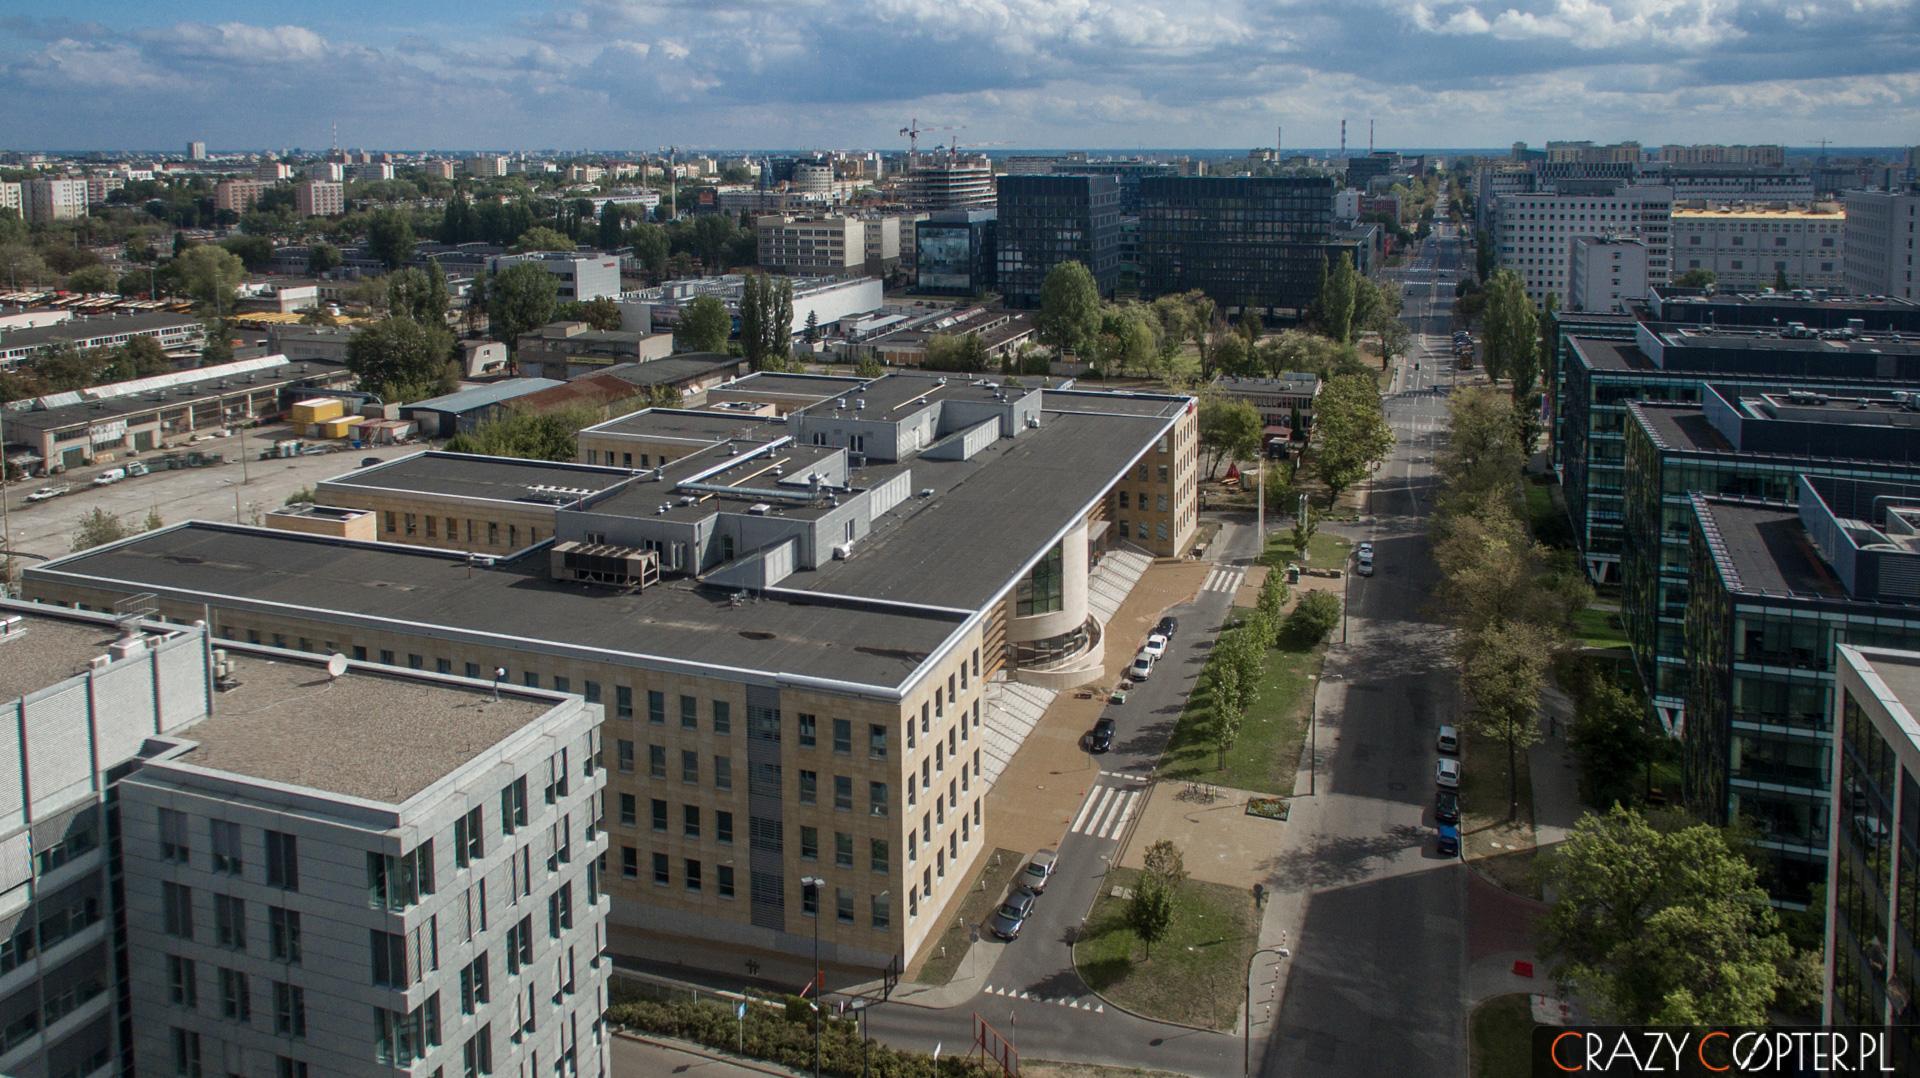 Zdjęcia lotnicze dla Tulipan House przy ul. Domaniewskiej w Warszawie.